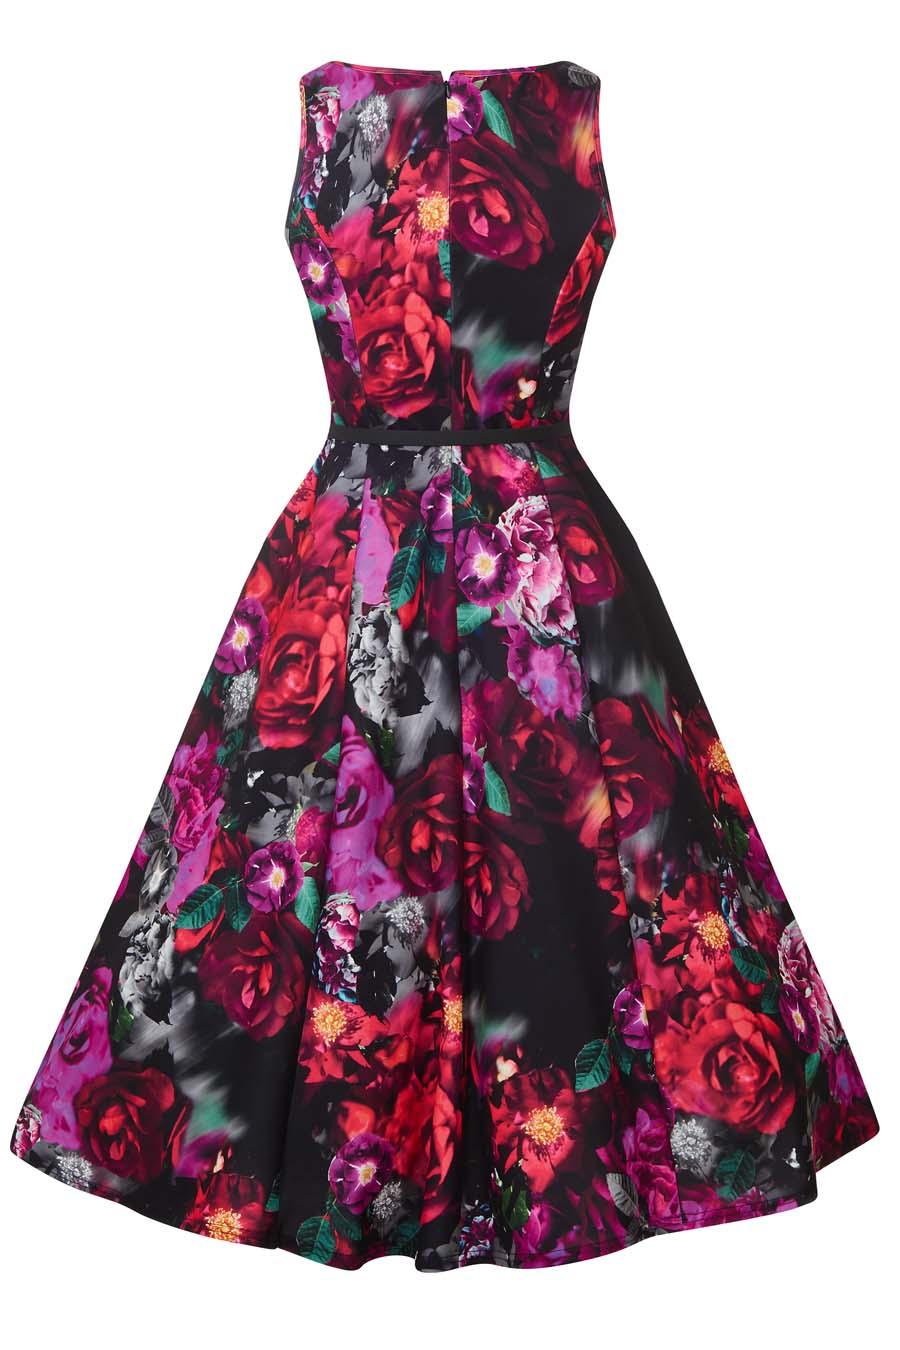 b54487fea Retro šaty s růžemi Lady V London Audrey Indigo Lady V London ...